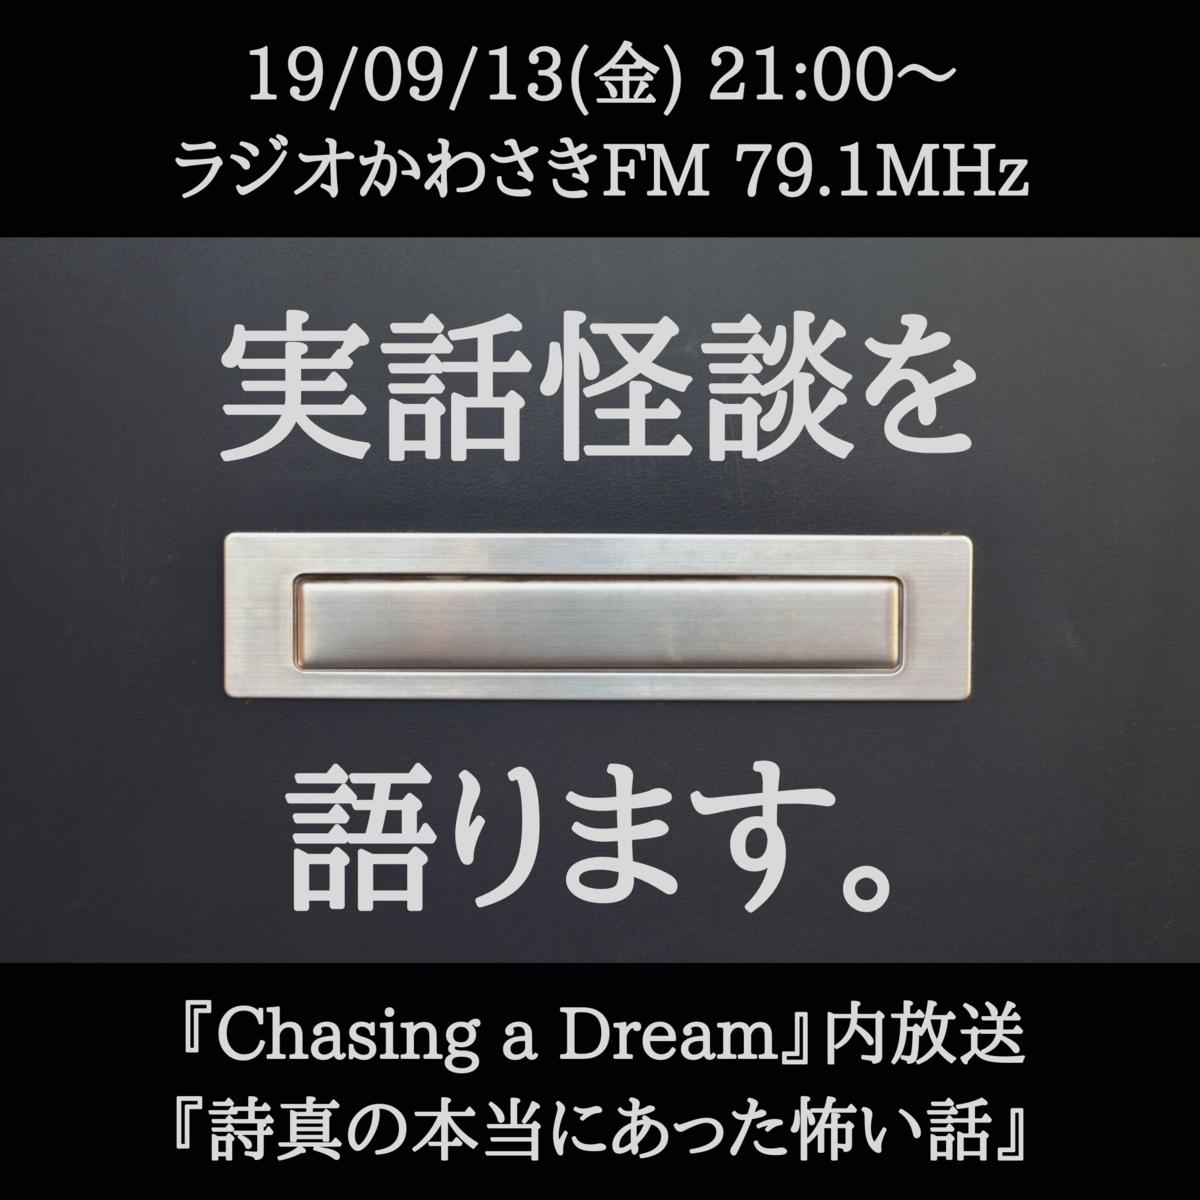 f:id:yukaitekietsu:20190912170832p:plain